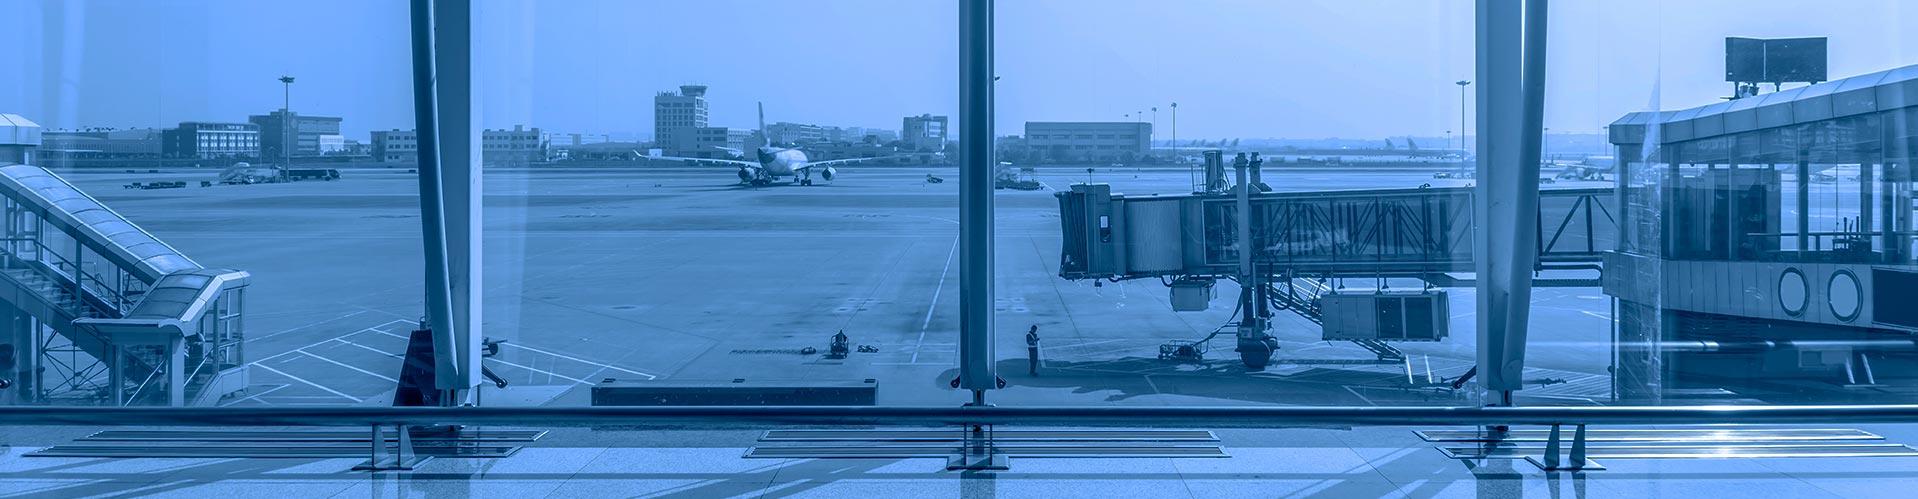 Repositori, ampliació Aeroport del prat